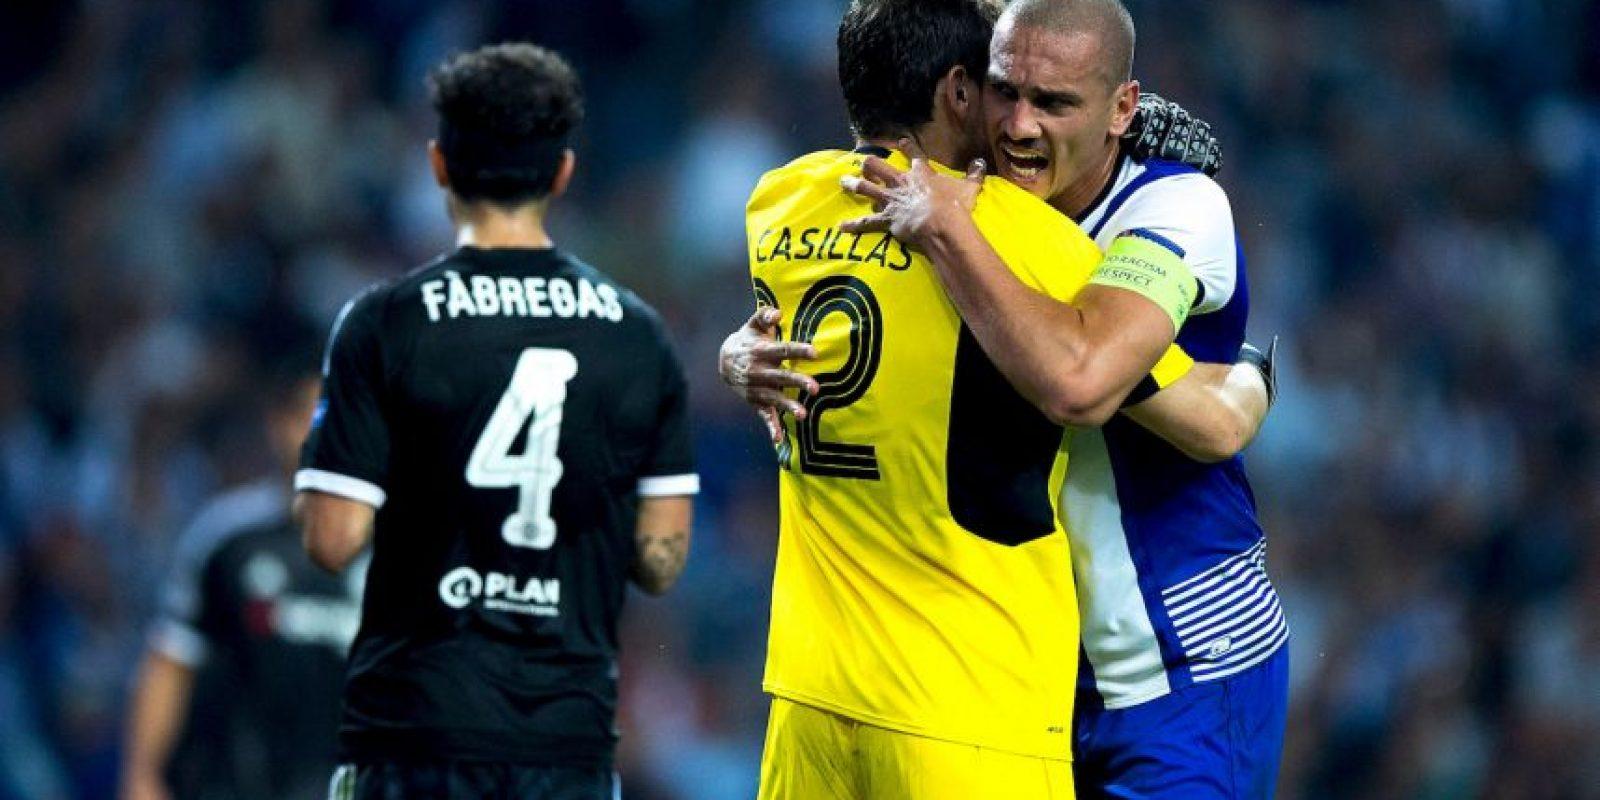 Un empate eliminaría al Porto, en caso de que Dinamo venza al Maccabi Tel Aviv Foto:Getty Images